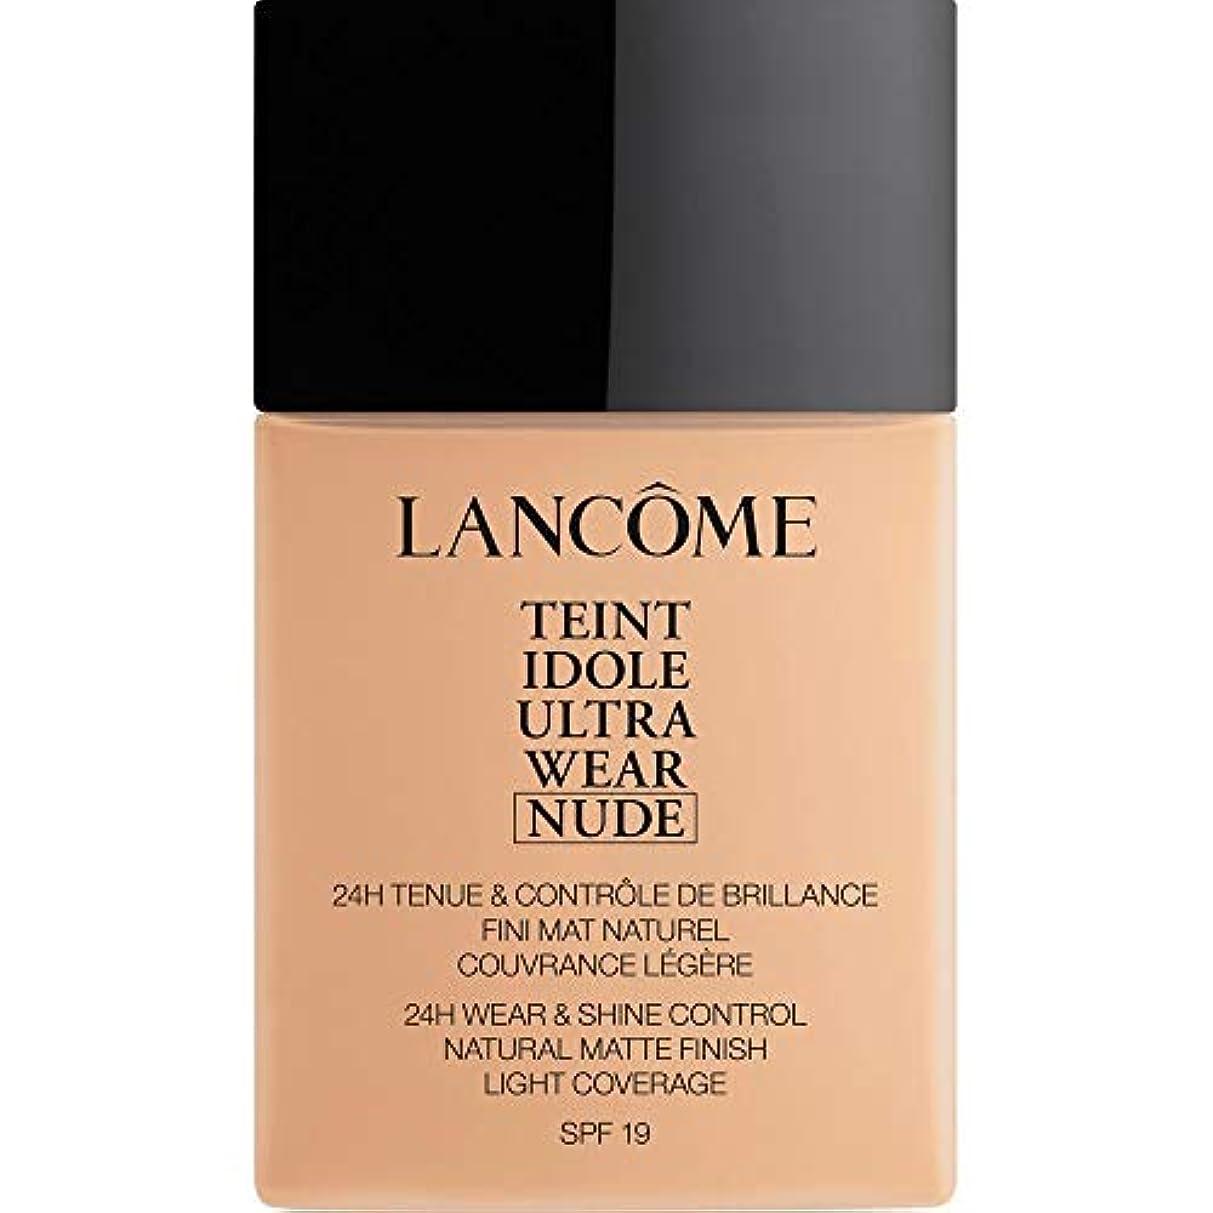 非常に怒っています専門知識王女[Lanc?me ] ランコムTeintのIdole超摩耗ヌード財団Spf19の40ミリリットル021 - ベージュジャスミン - Lancome Teint Idole Ultra Wear Nude Foundation...